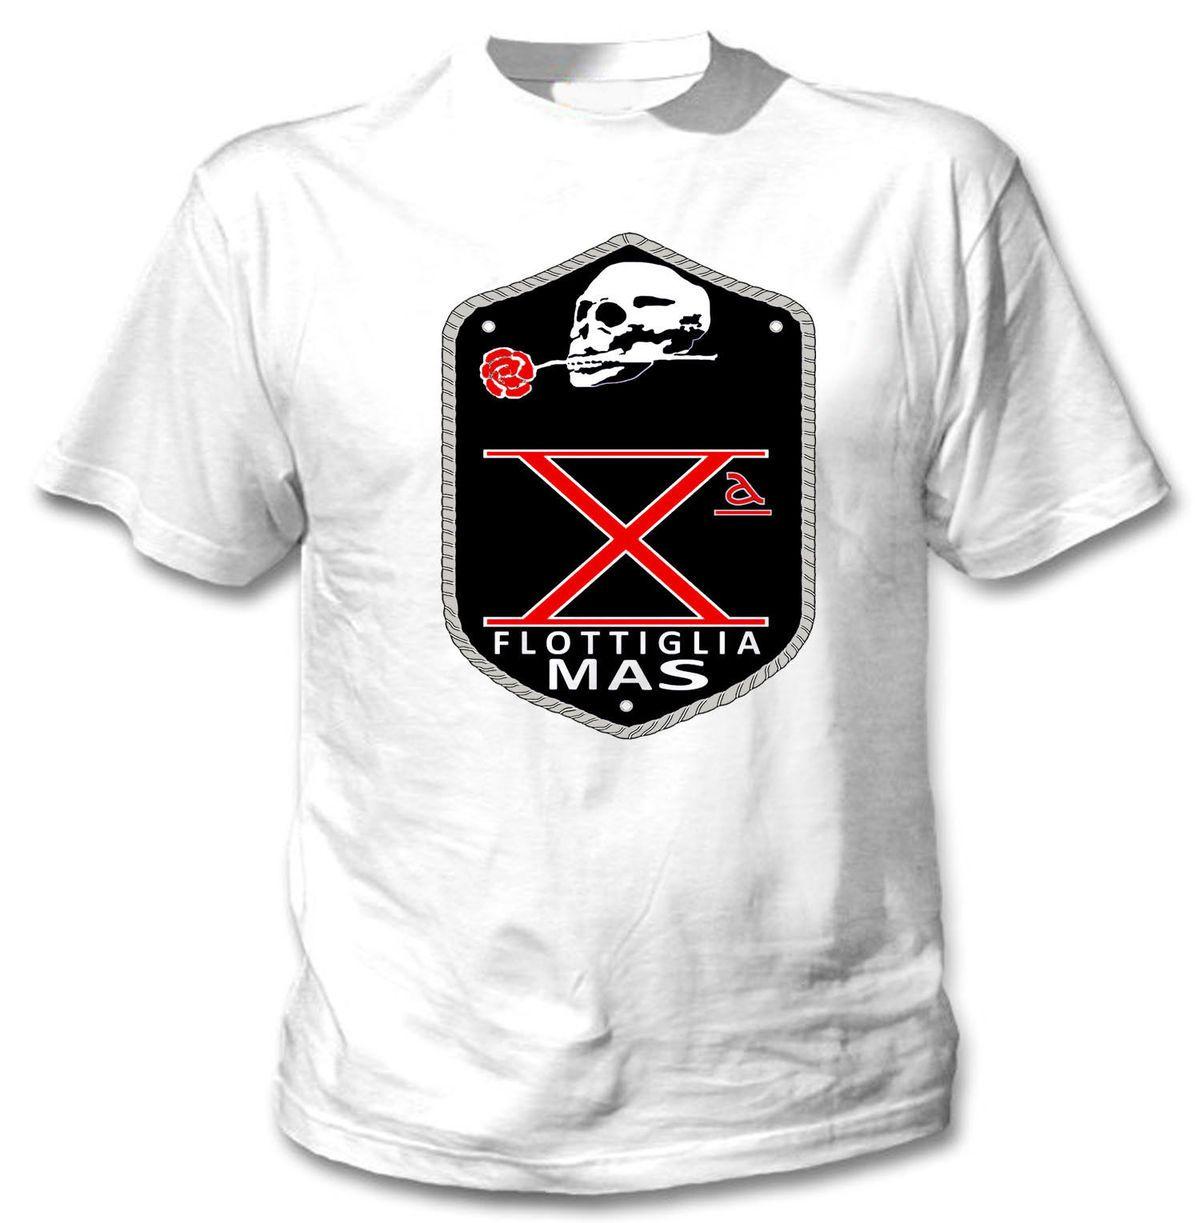 Acquista FLOTTIGLIA ITALIANA DECIMA MAS WWII T Shirt NEW TSHIRT IN COTONE  BIANCO Novità Maglietta Cool Tops Uomo T Shirt Novità A $11.58 Dal Baishi2